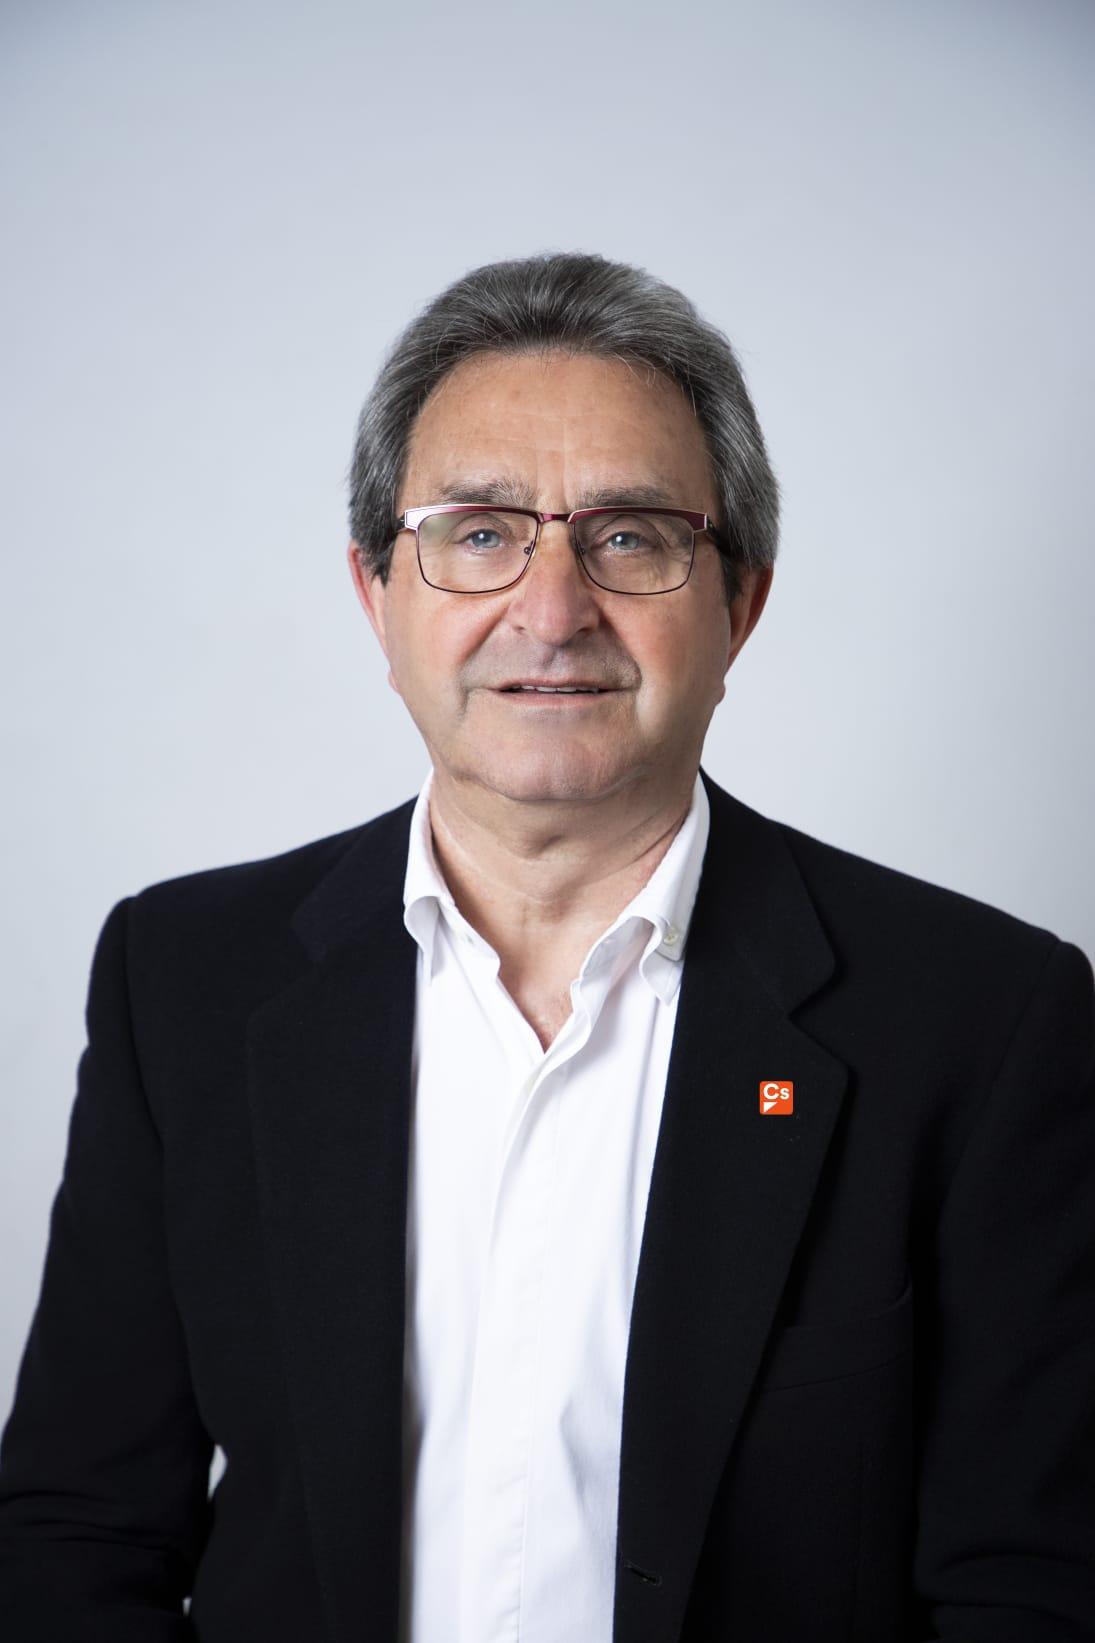 Juan Casado Lara